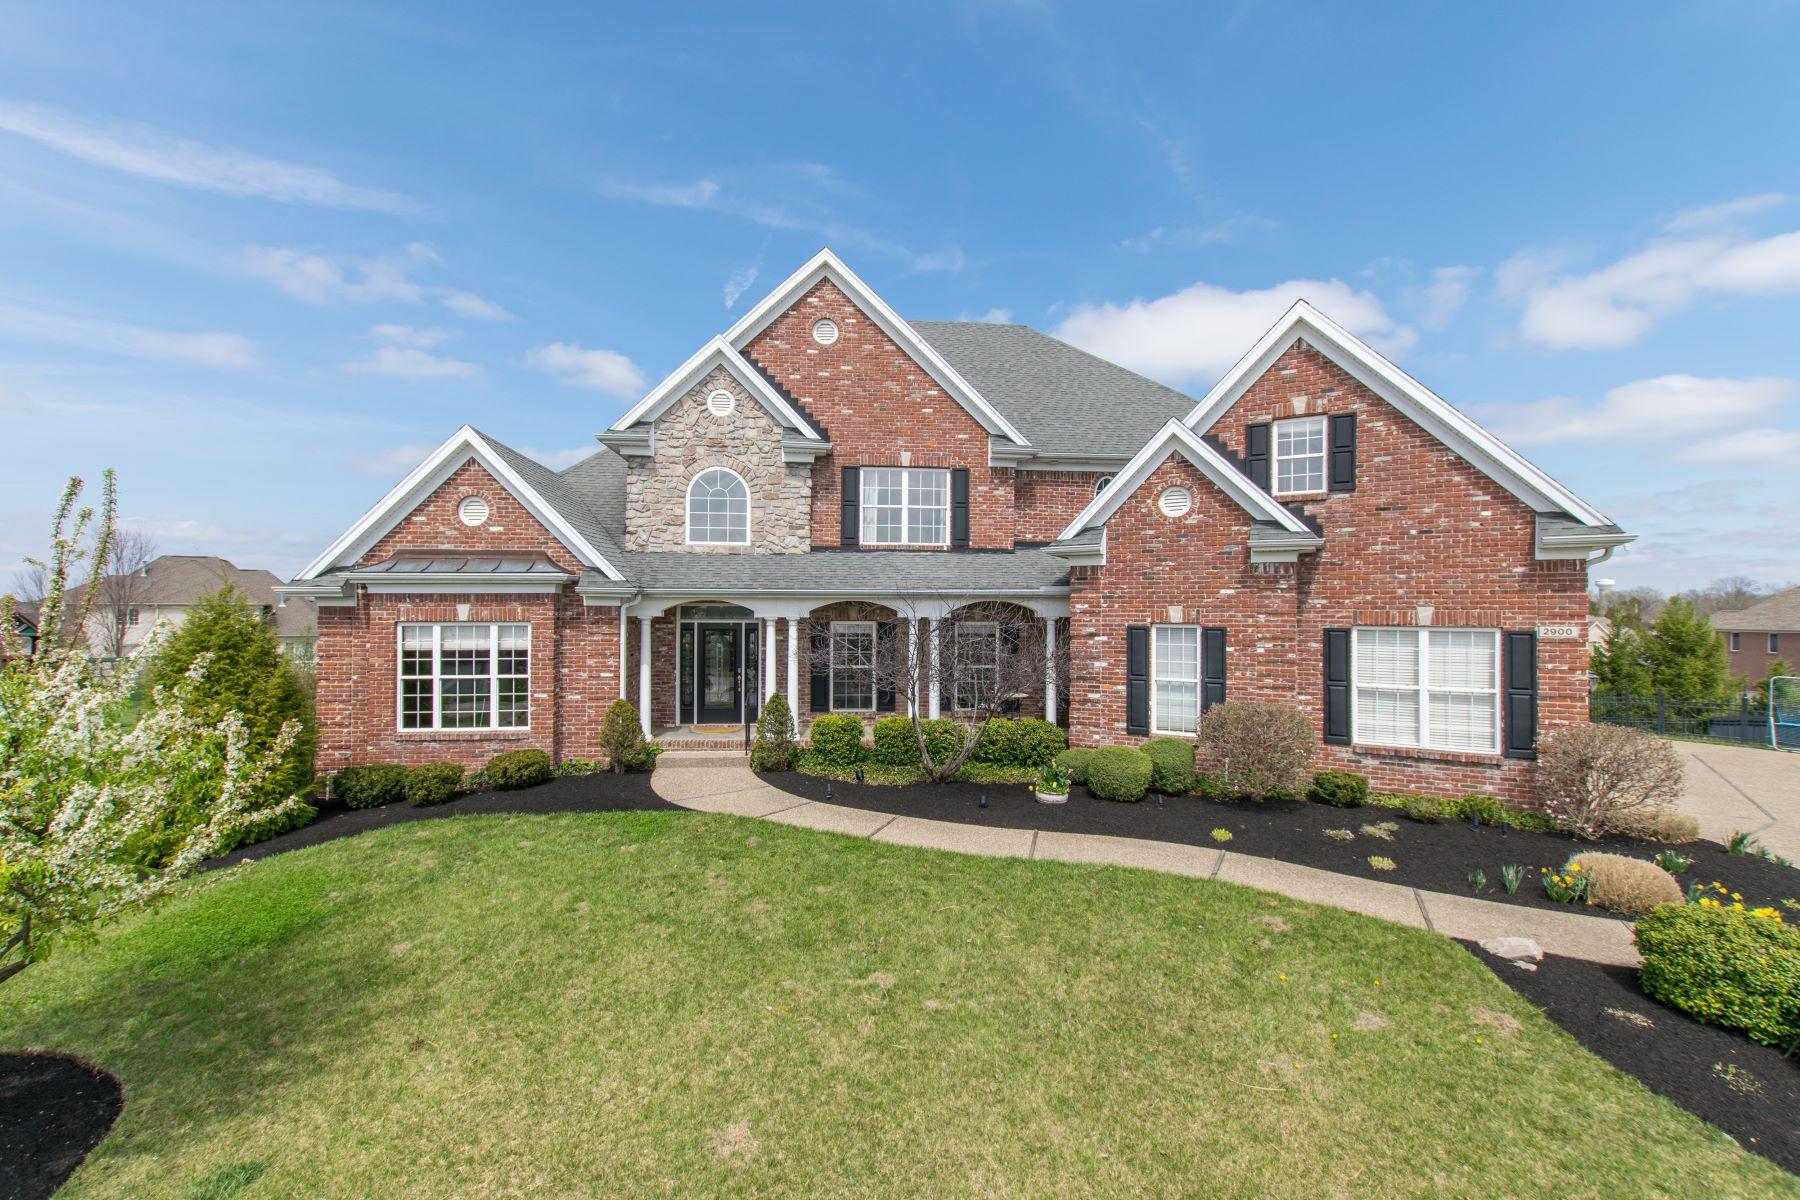 단독 가정 주택 용 매매 에 2900 Circle Crest Court Prospect, 켄터키, 40059 미국